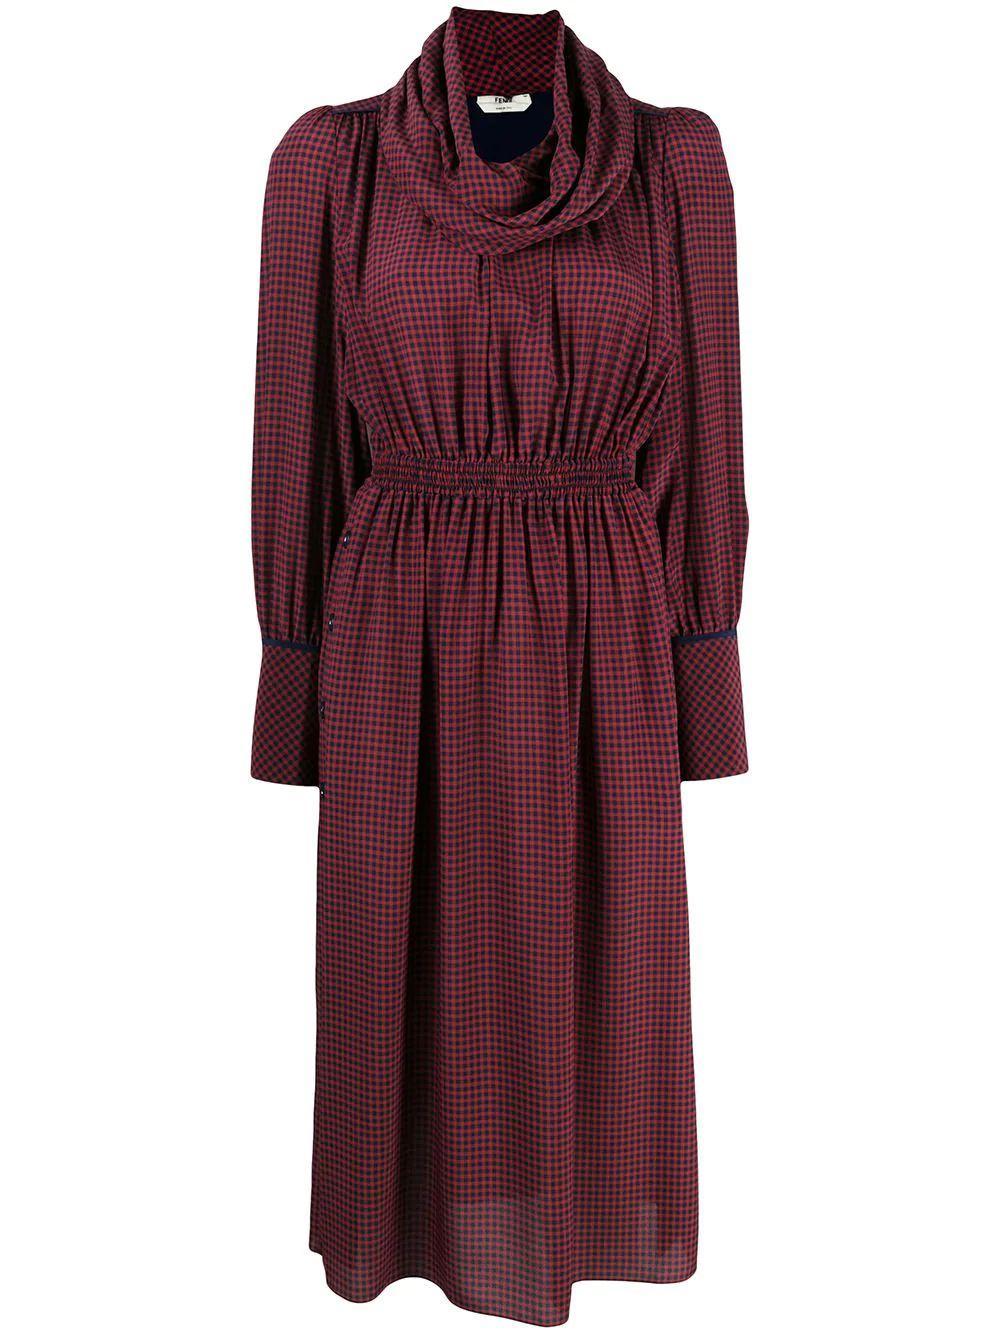 Silk Midi Check Dress With Cowl Neck